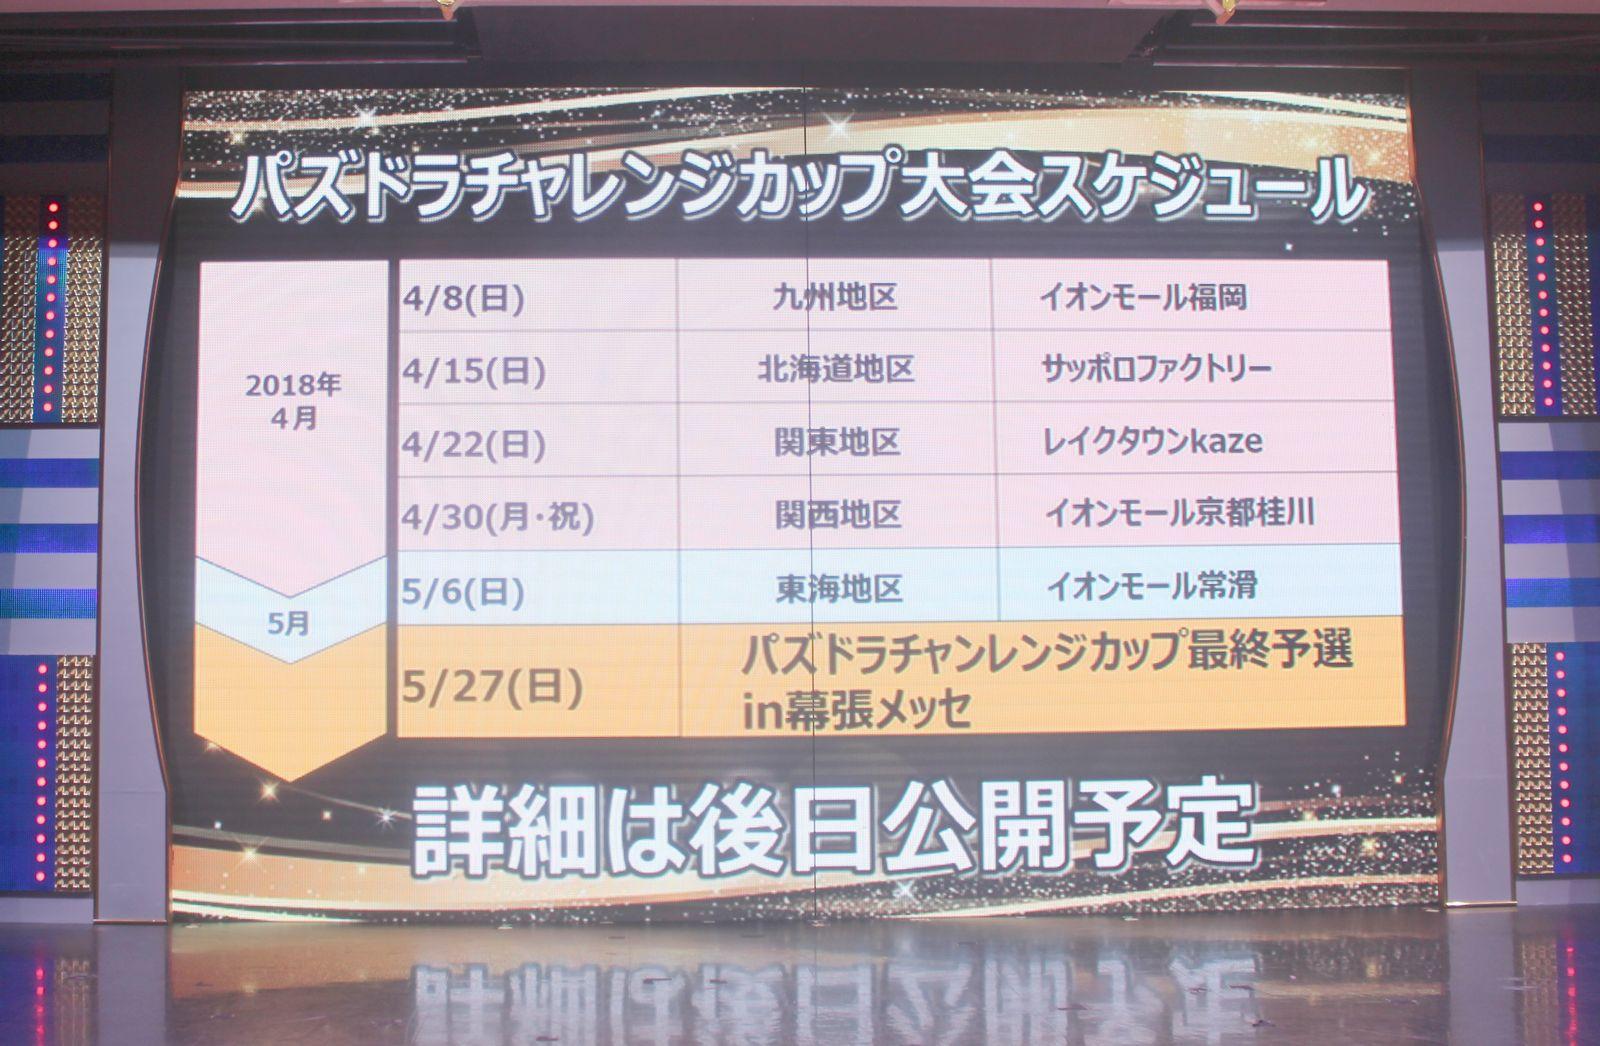 マンガにアニメにプロ認定大会と2018年は『パズドラ』シリーズが新展開!